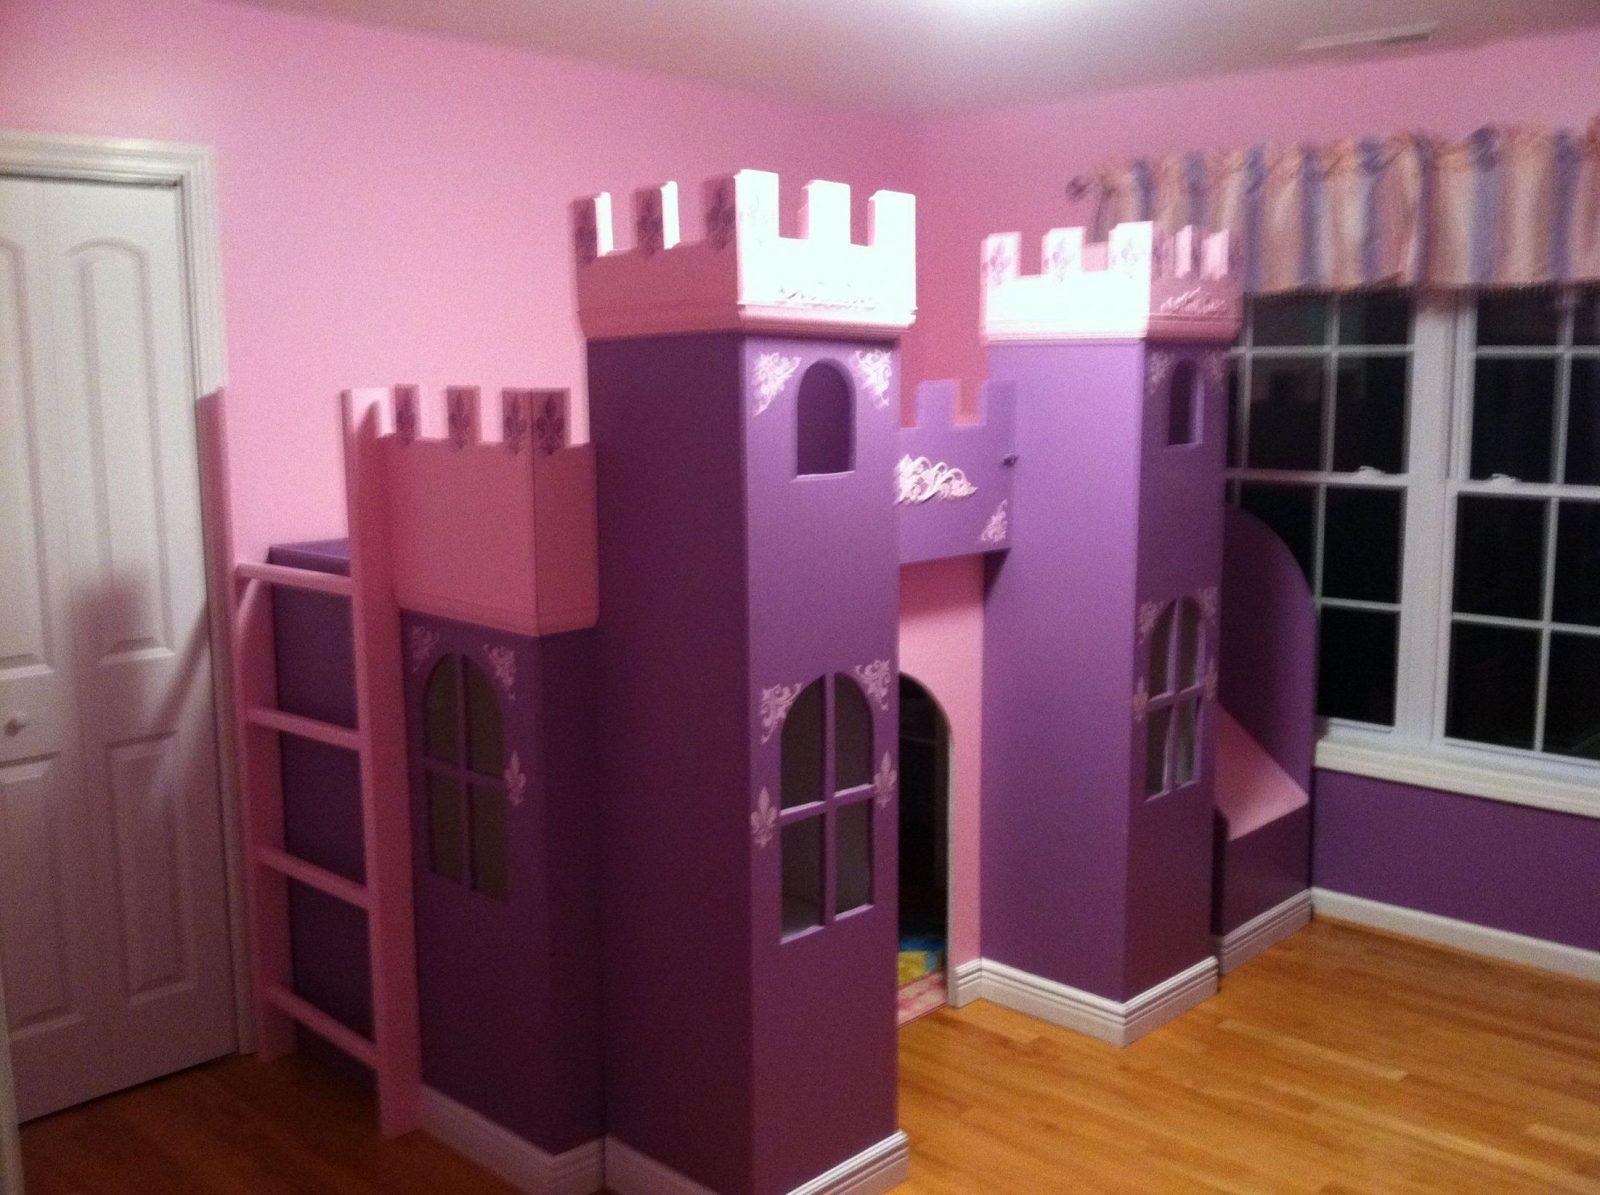 Etagenbett Selber Bauen Ideen : Princess bed castle & playhouse kinderbett für von prinzessin